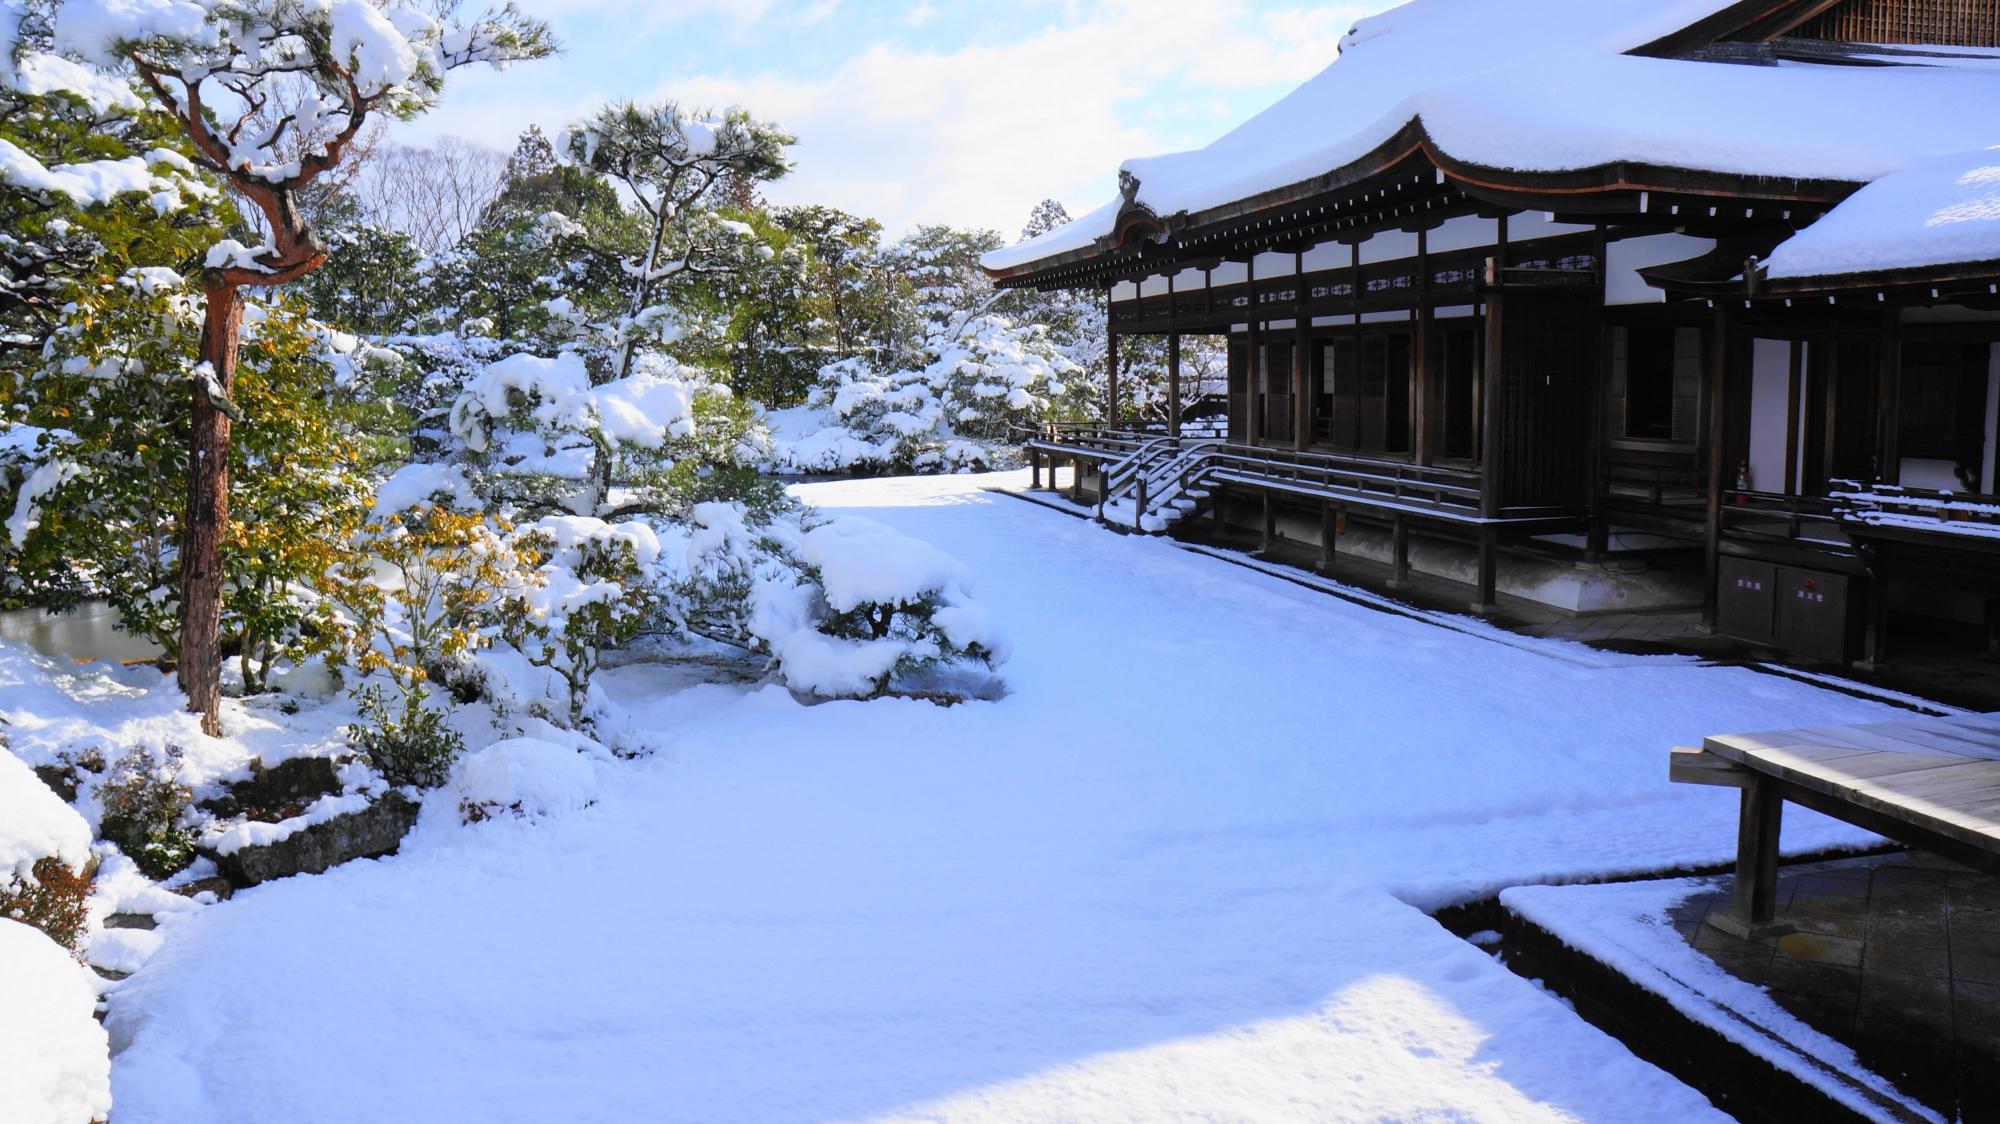 仁和寺の御殿北庭の雪景色